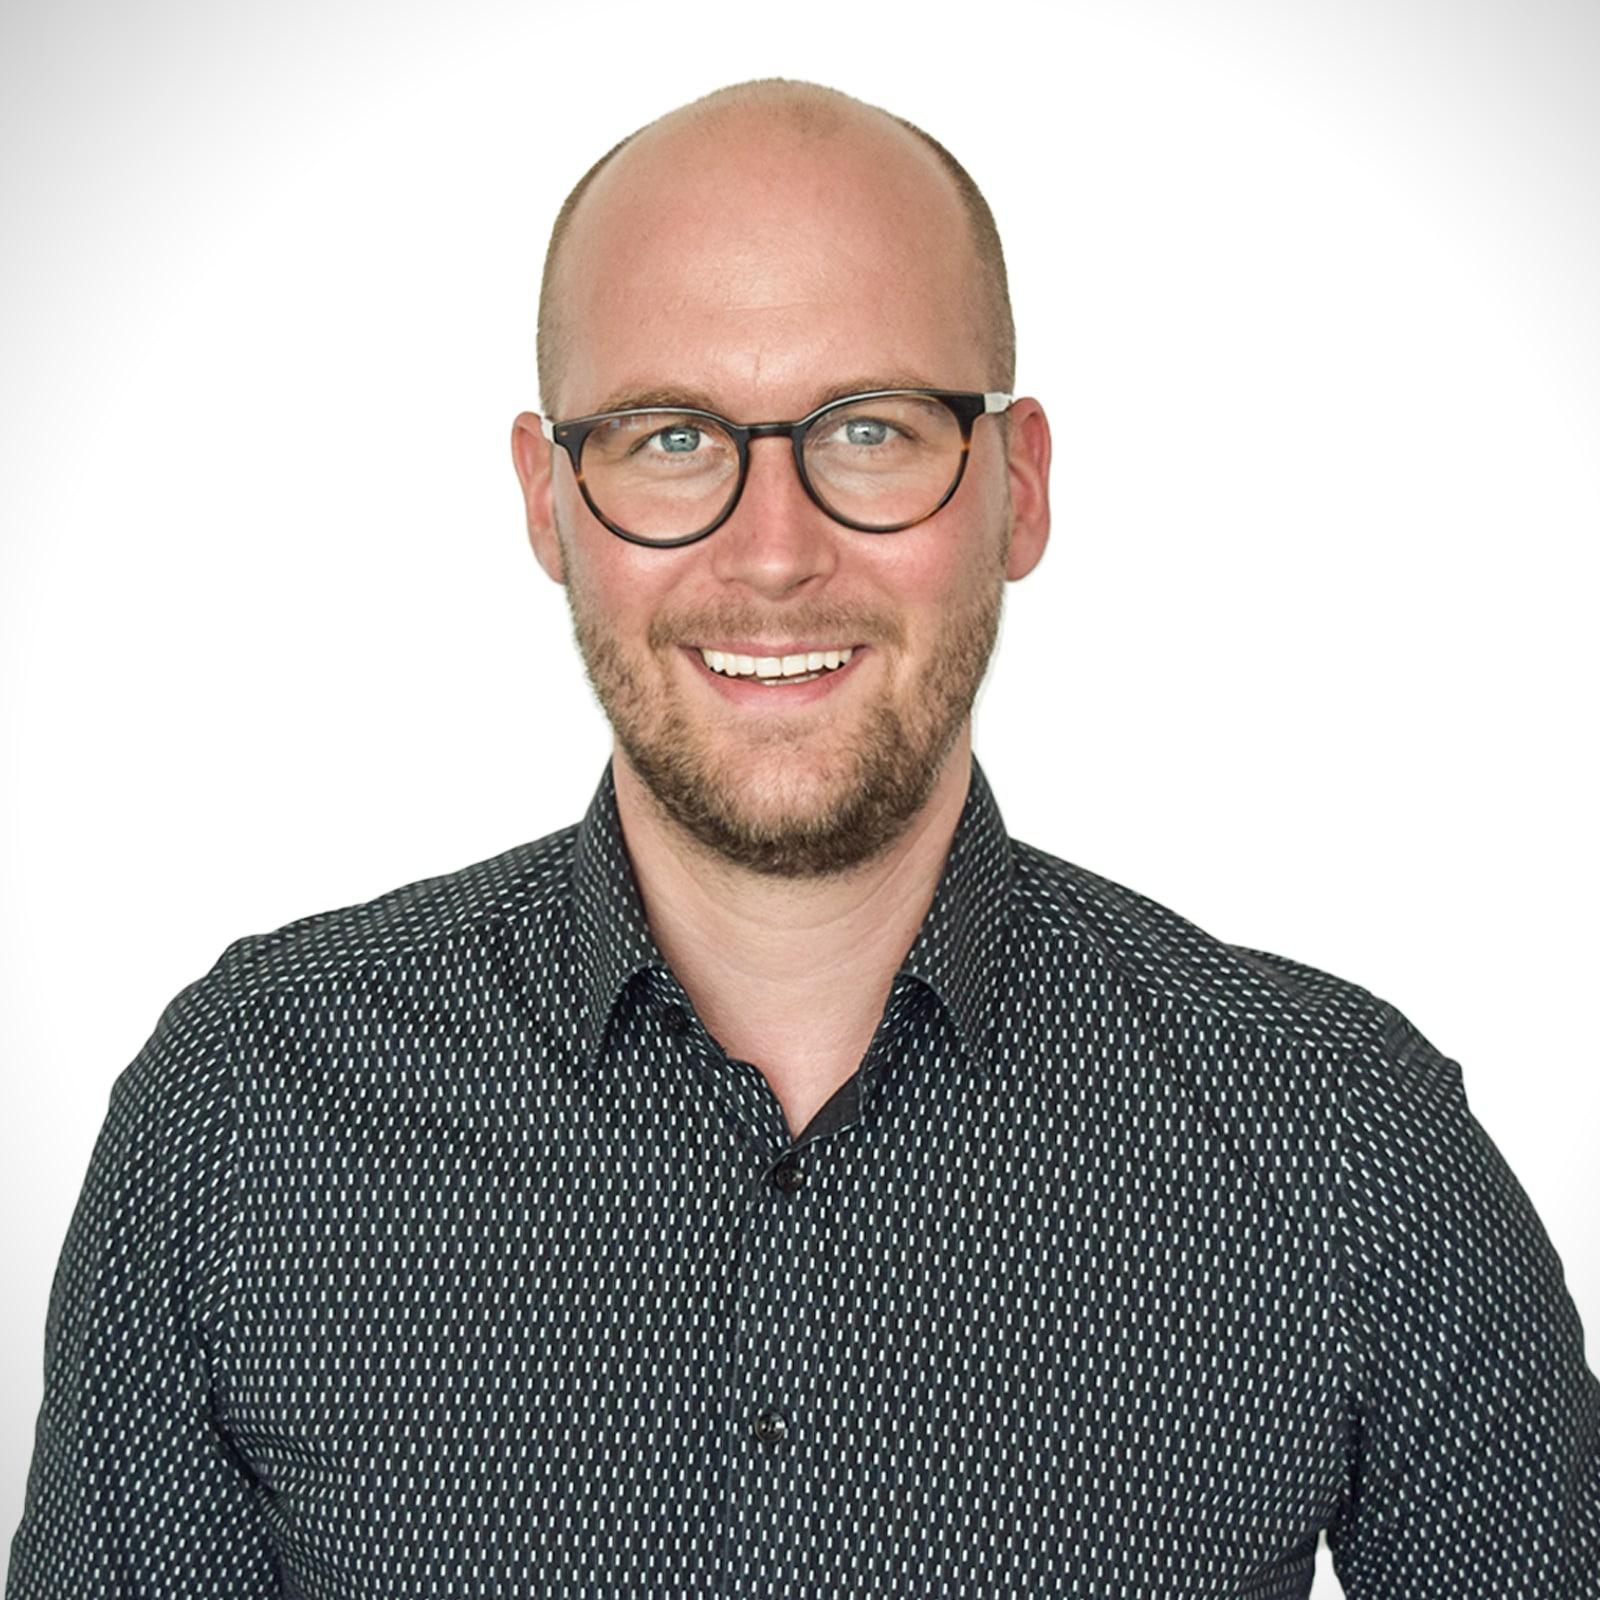 Lukas Zimmermeyer Vertrieb und Brand Development bei Winkels Interior Design Exhibition / Beratung Messebauer und Innenausbau